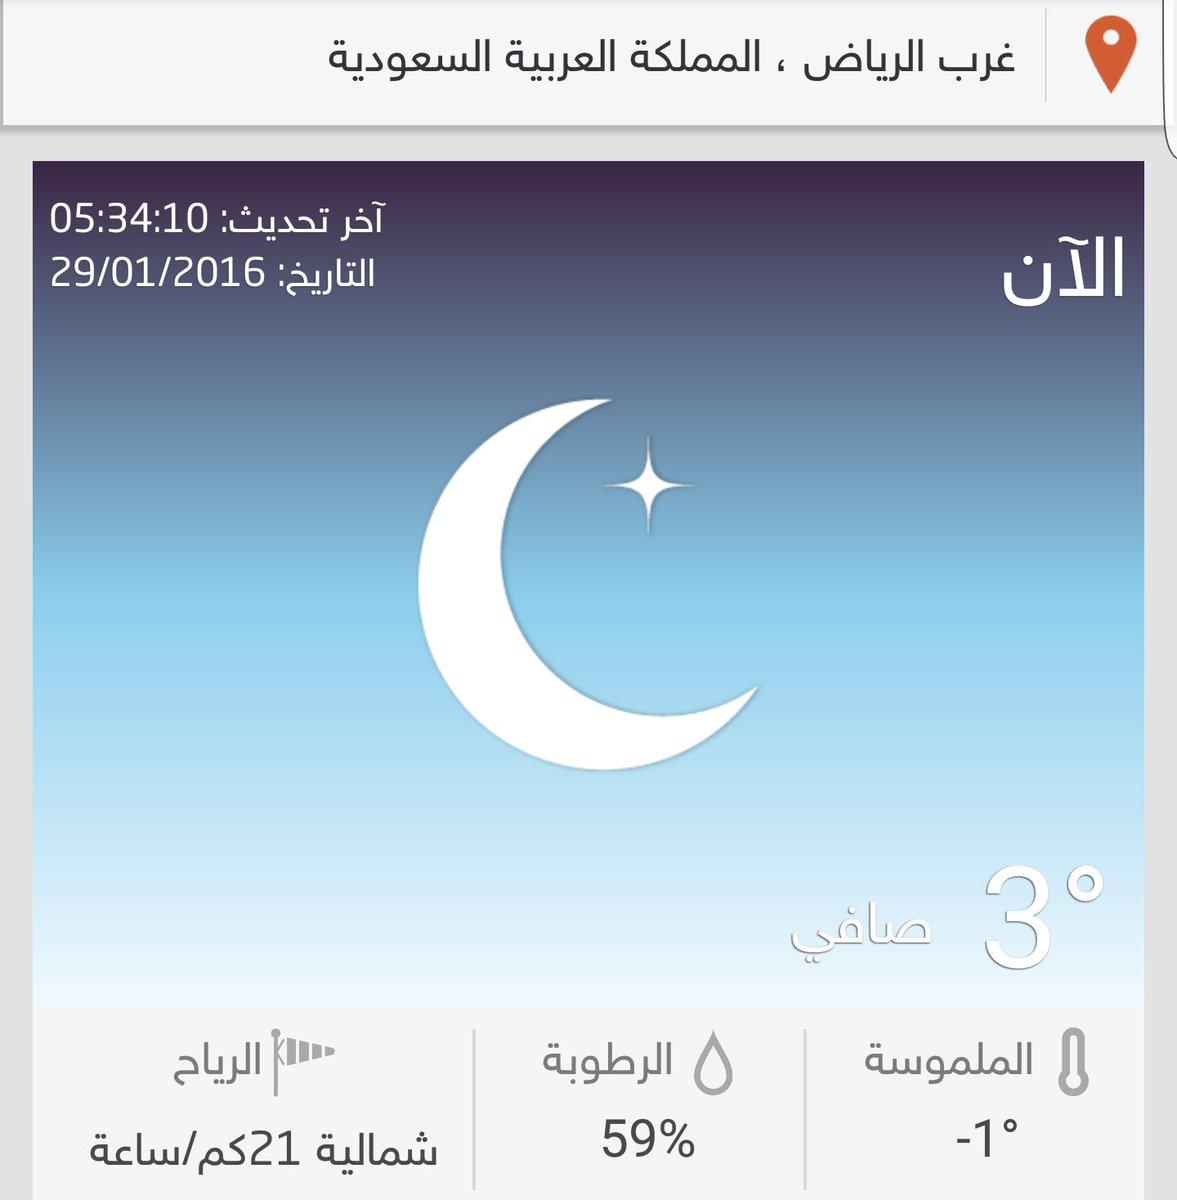 الطقس في الرياض على تويتر درجات الحرارة و الملموسه في الصور غرب الرياض جنوب الرياض شرق الرياض شمال الرياض وسط الرياض 3 و الملموس 1 Https T Co Wsshjia2bo